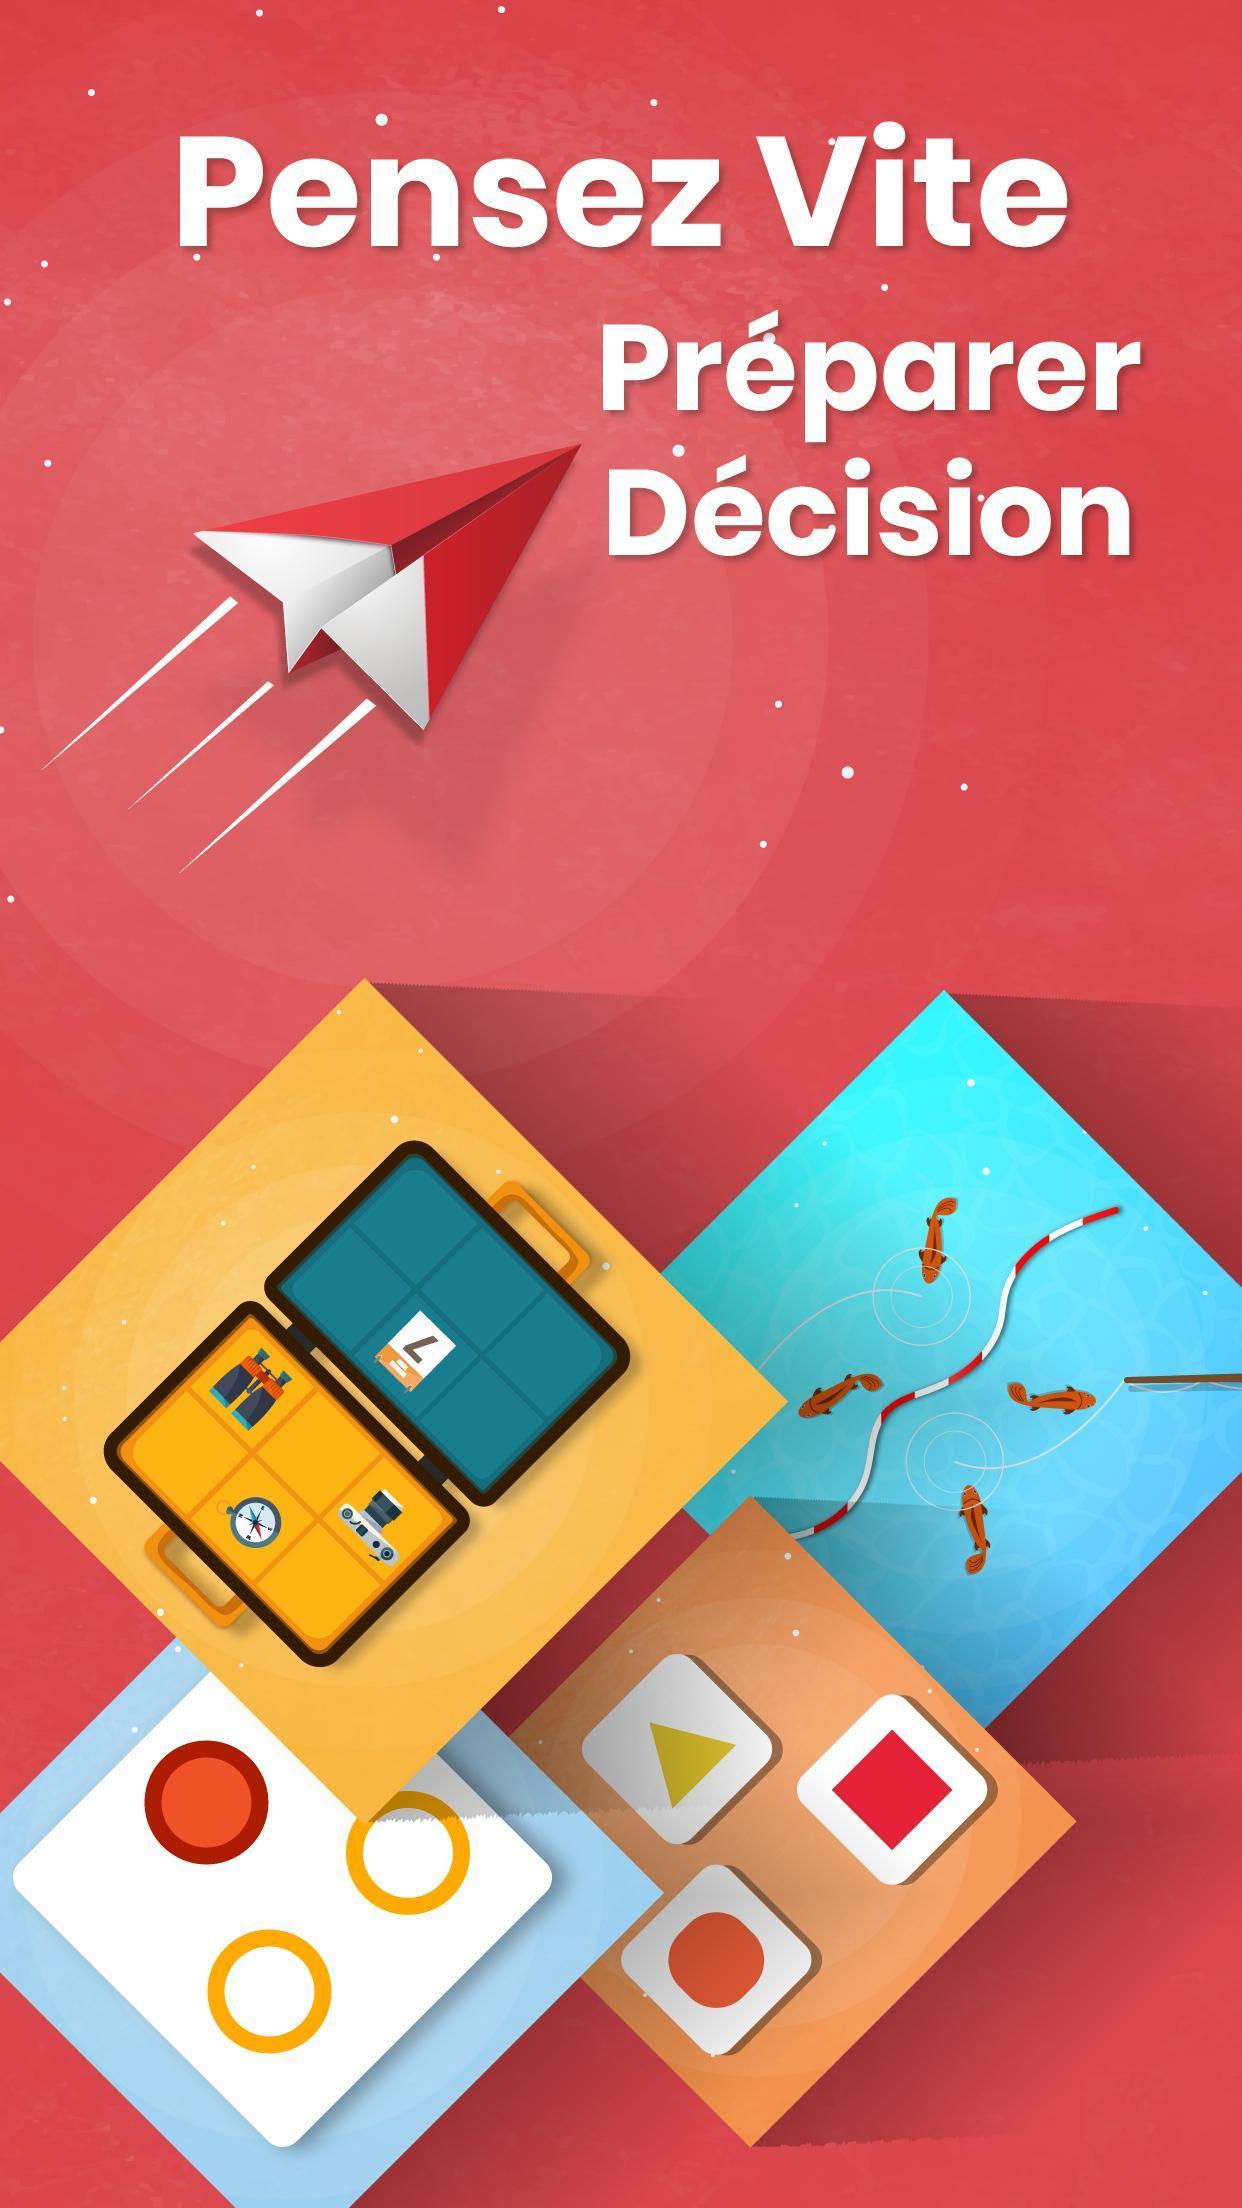 Jeux Cérébral Gratuit Pour Adultes Et Enfants Pour Android dedans Jeux De Reflexion Gratuit Pour Adulte